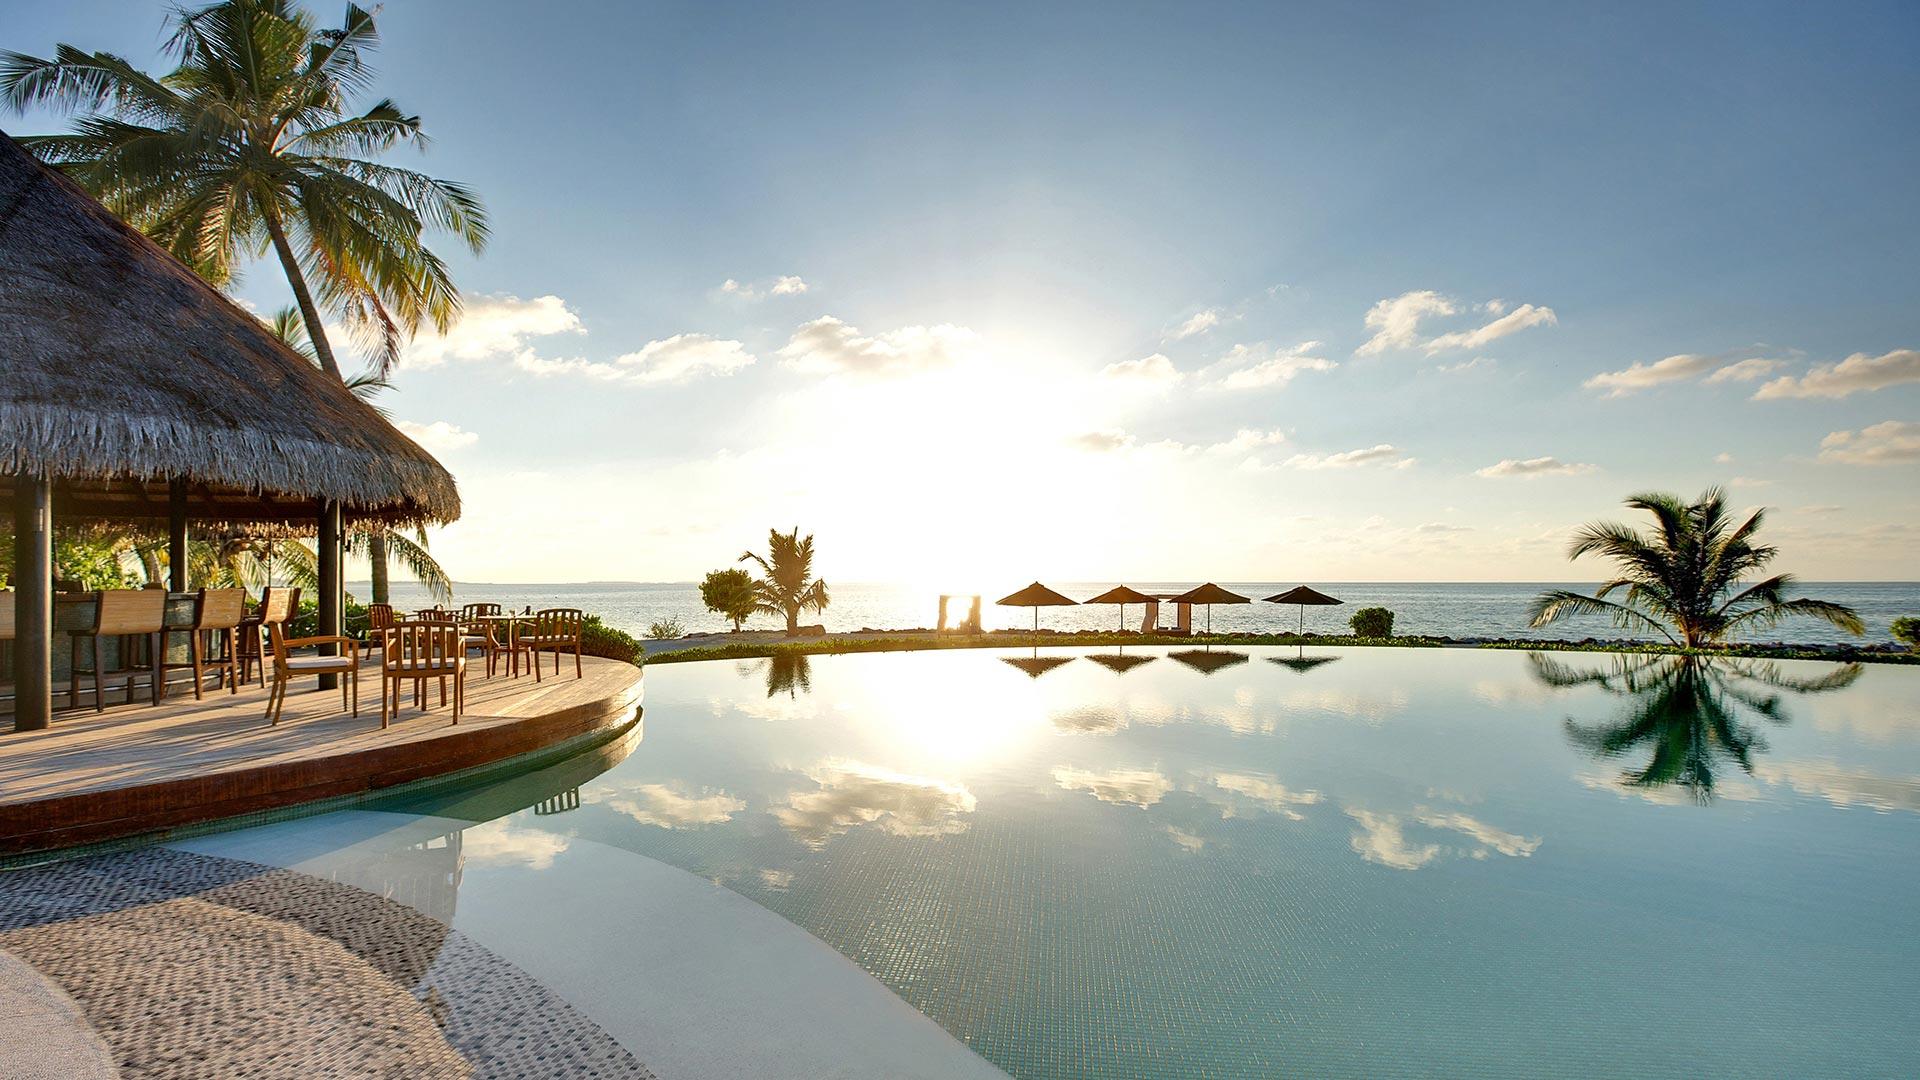 du-lich-nghi-duong-_-Maldives_elle-man-2